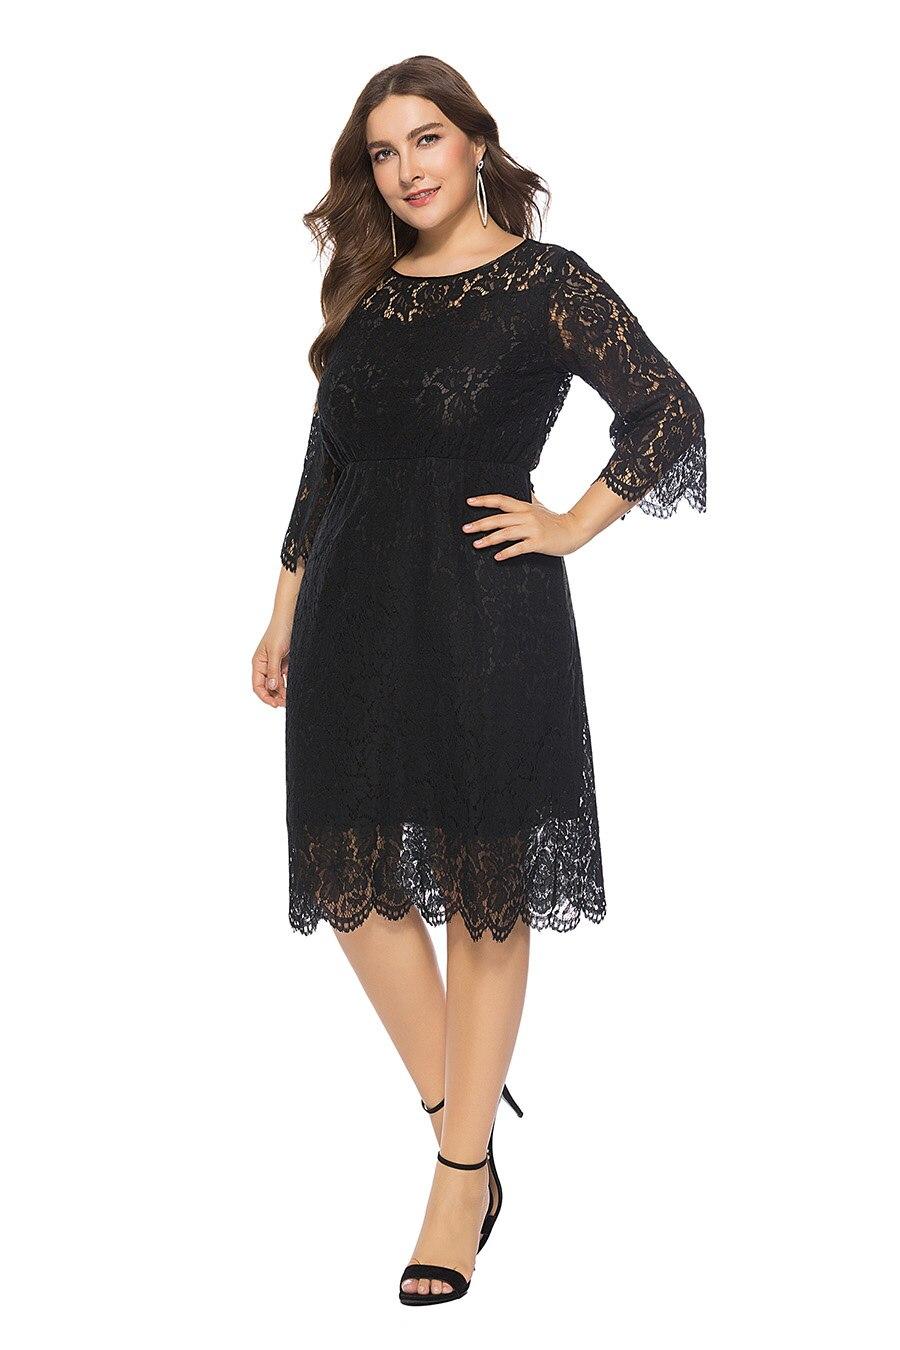 Bonnie Thea women plus size maxi dress XL-6XL autumn winter Elegant Vintage large  size Party dress long dresses vestidos clothesUSD 29.95-31.35 piece f2d07462d5d3